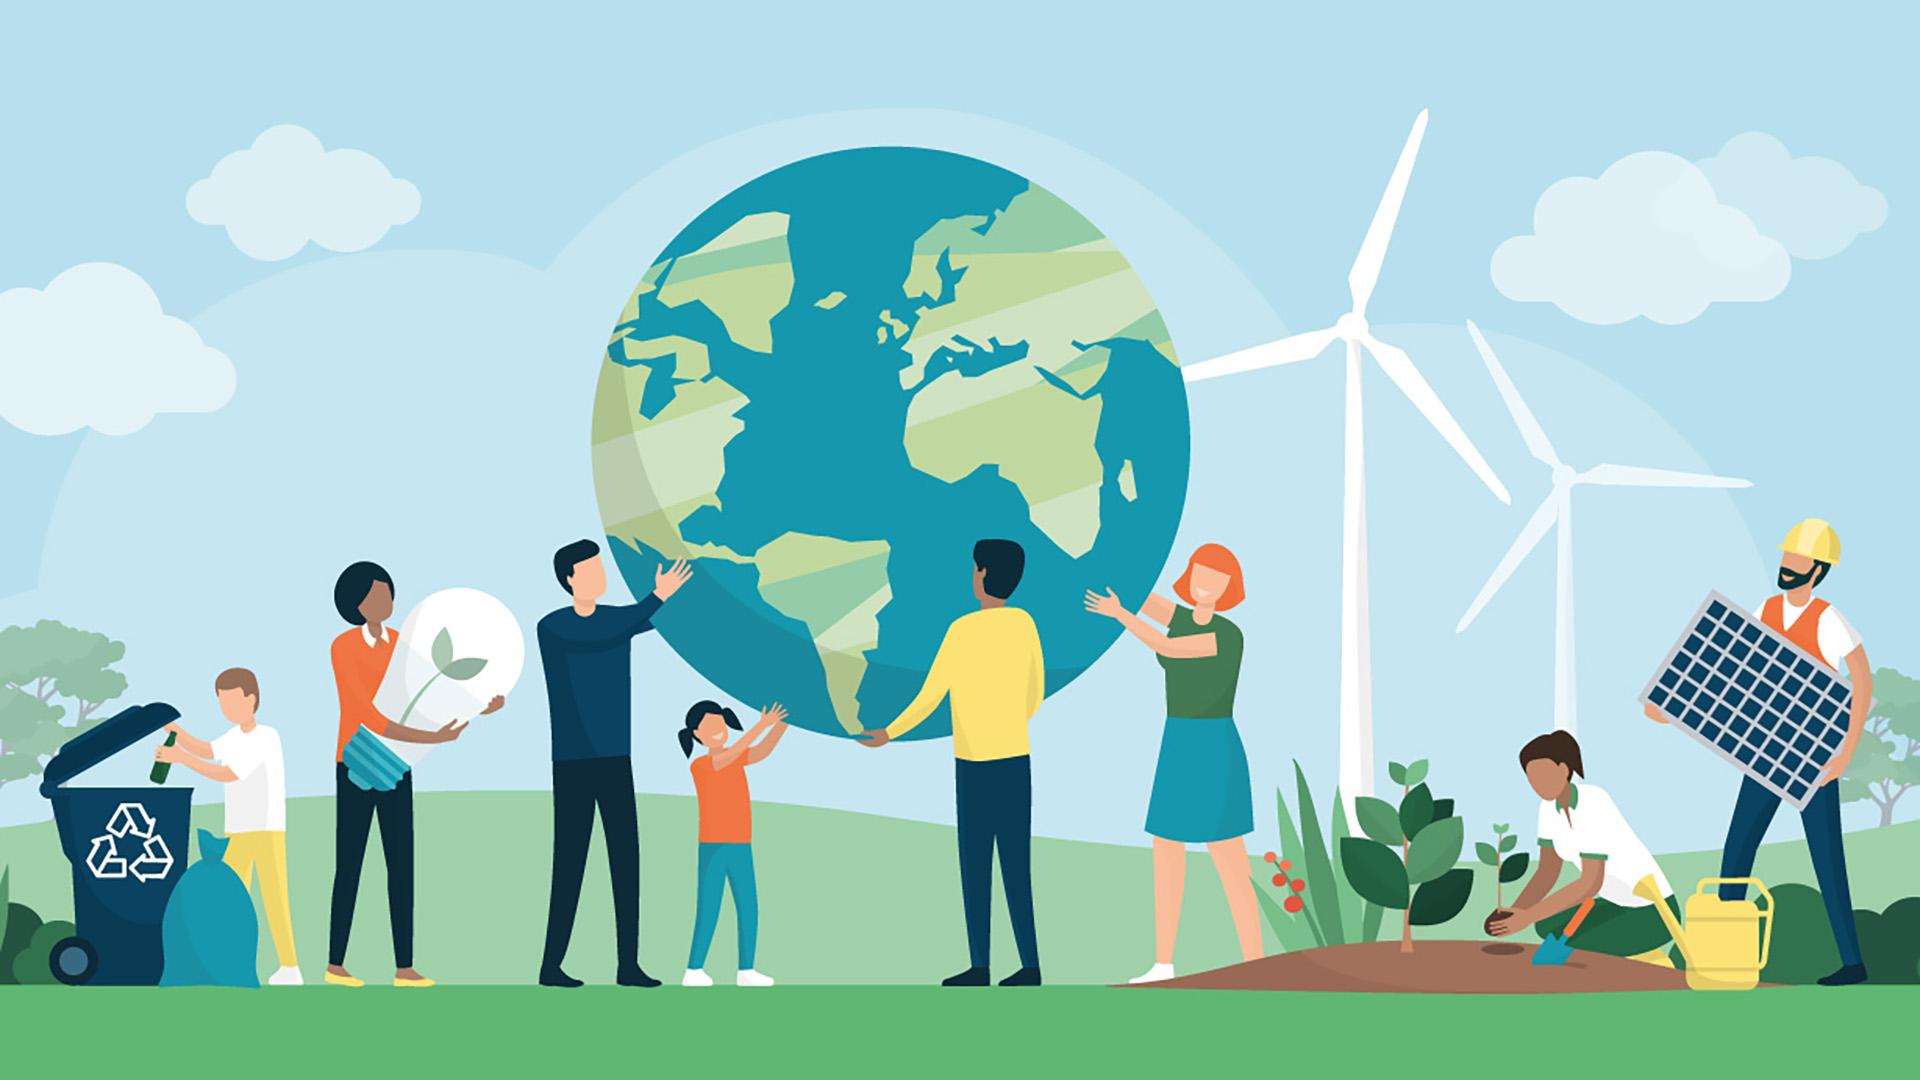 20kw38_Nachhaltigkeit_255348477